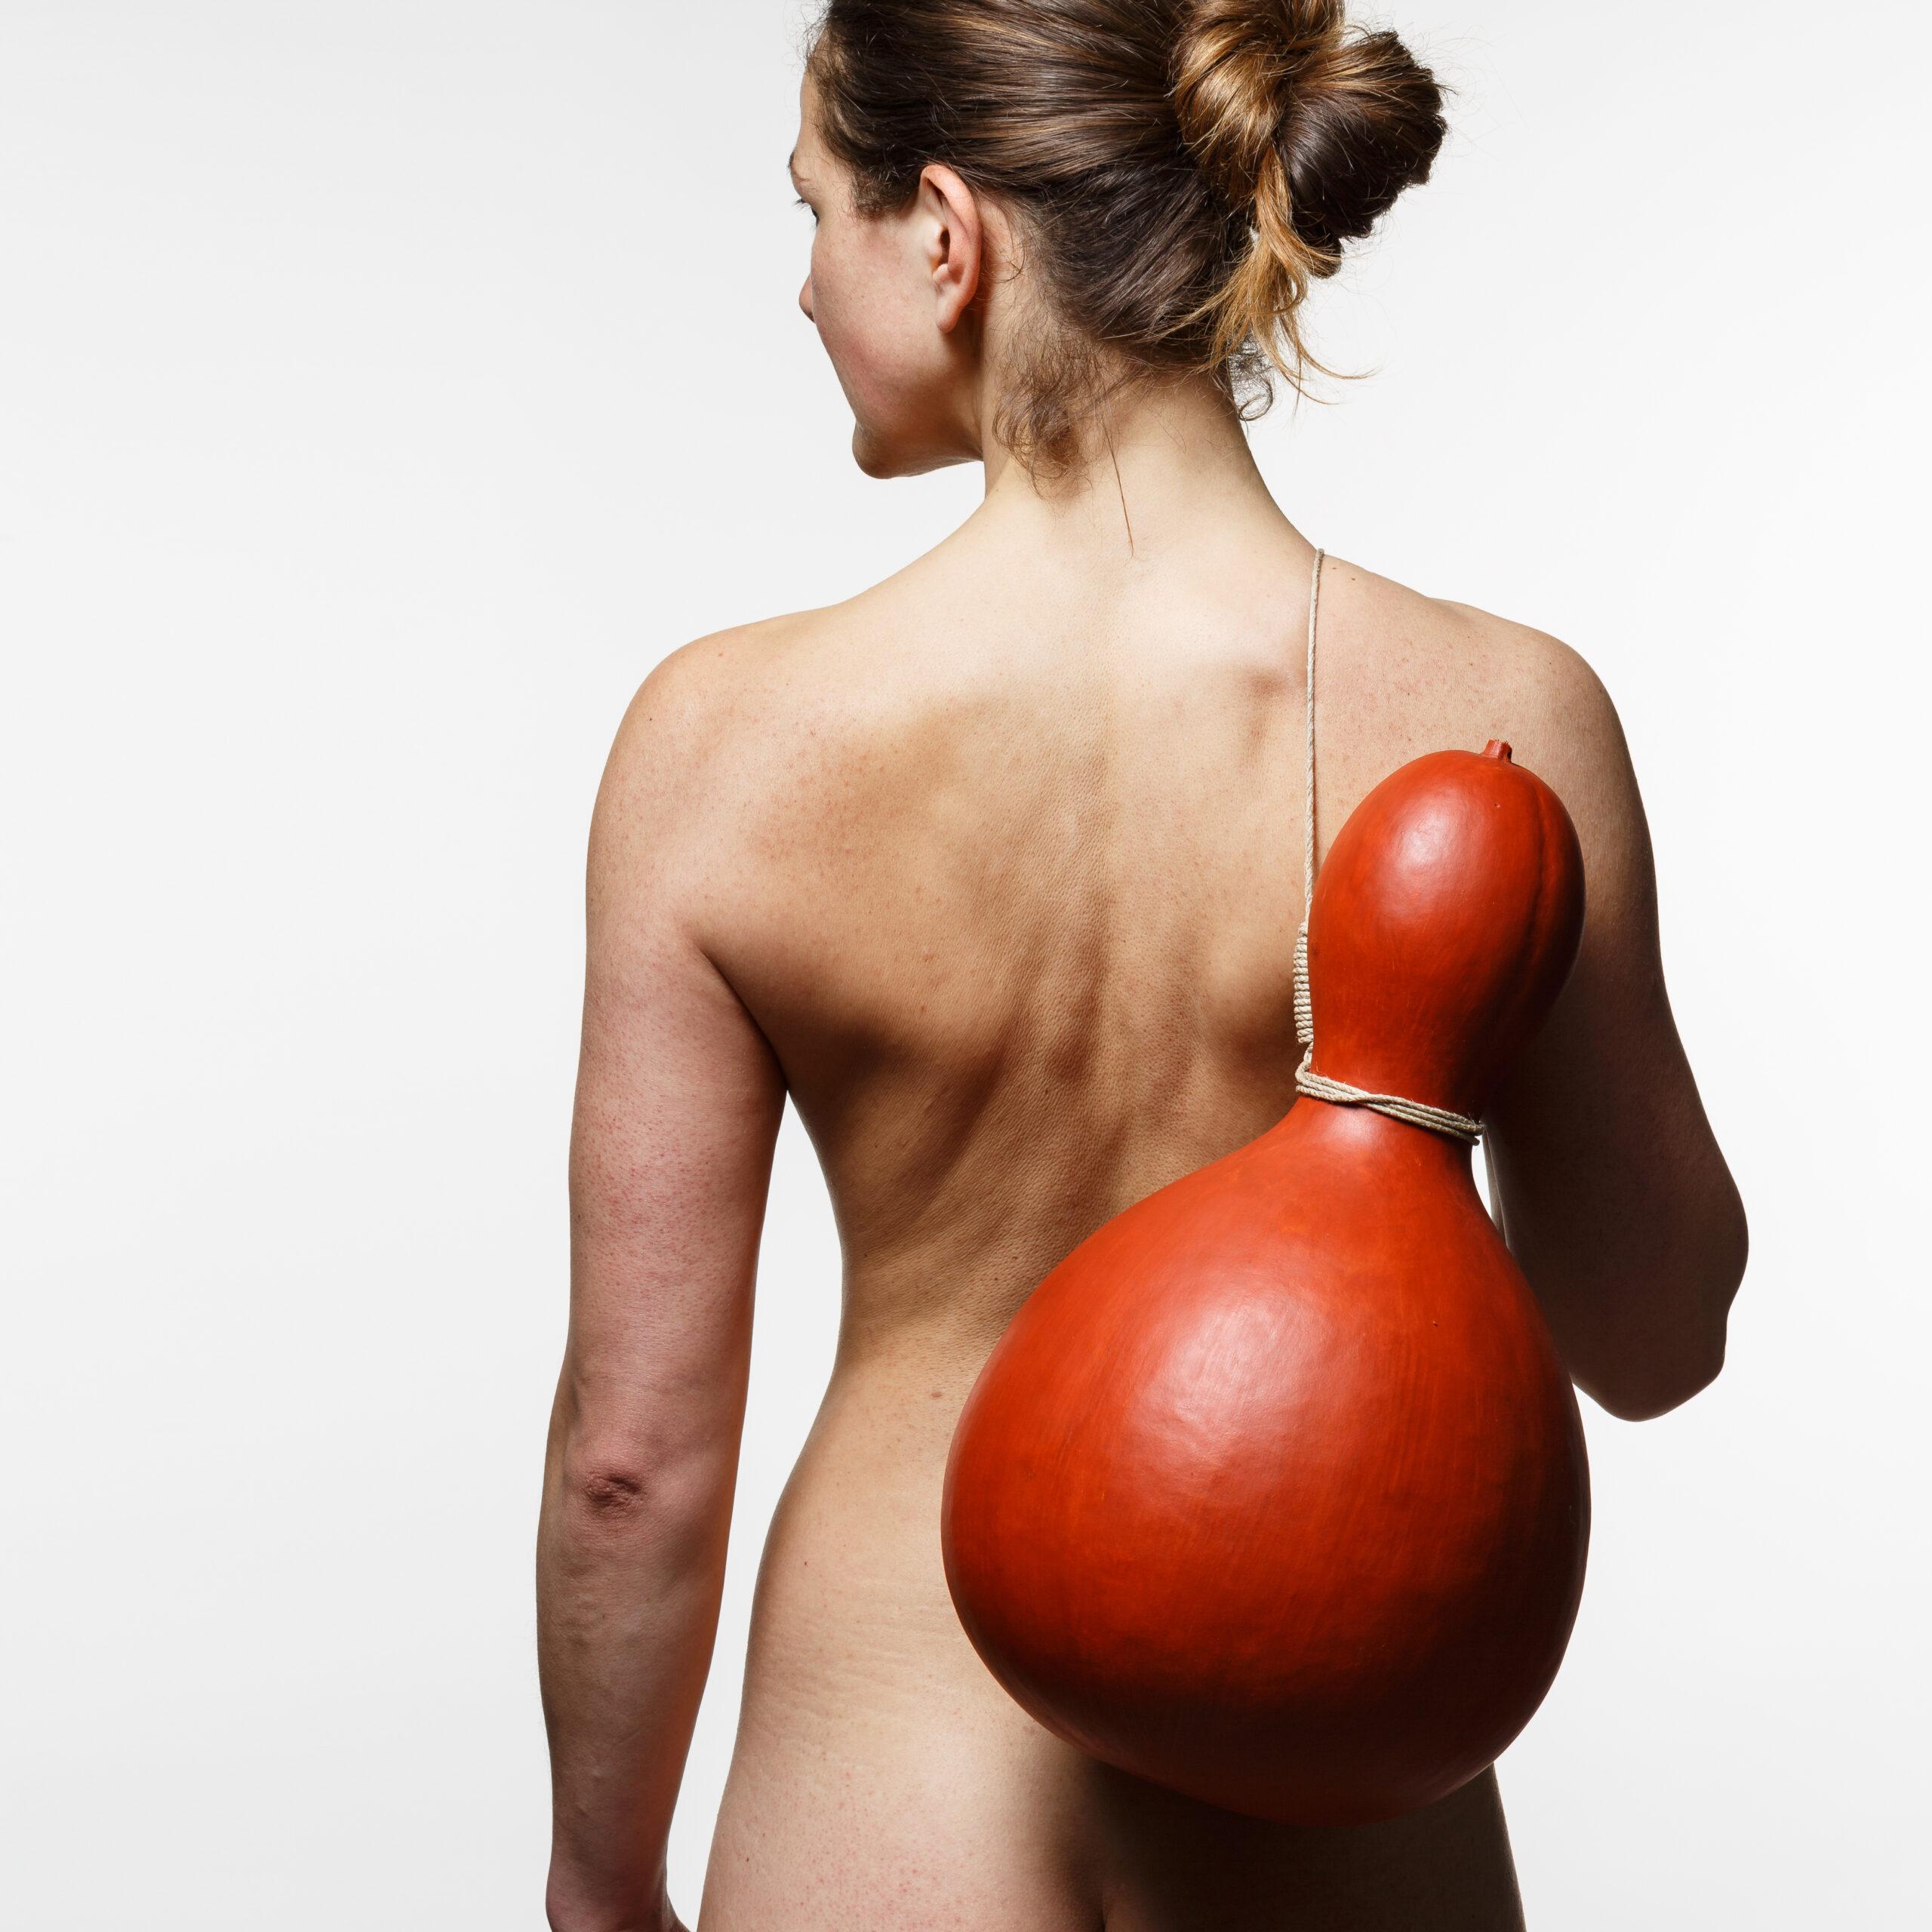 Naken kvinna med en kalebass hängande över axeln i en snara.